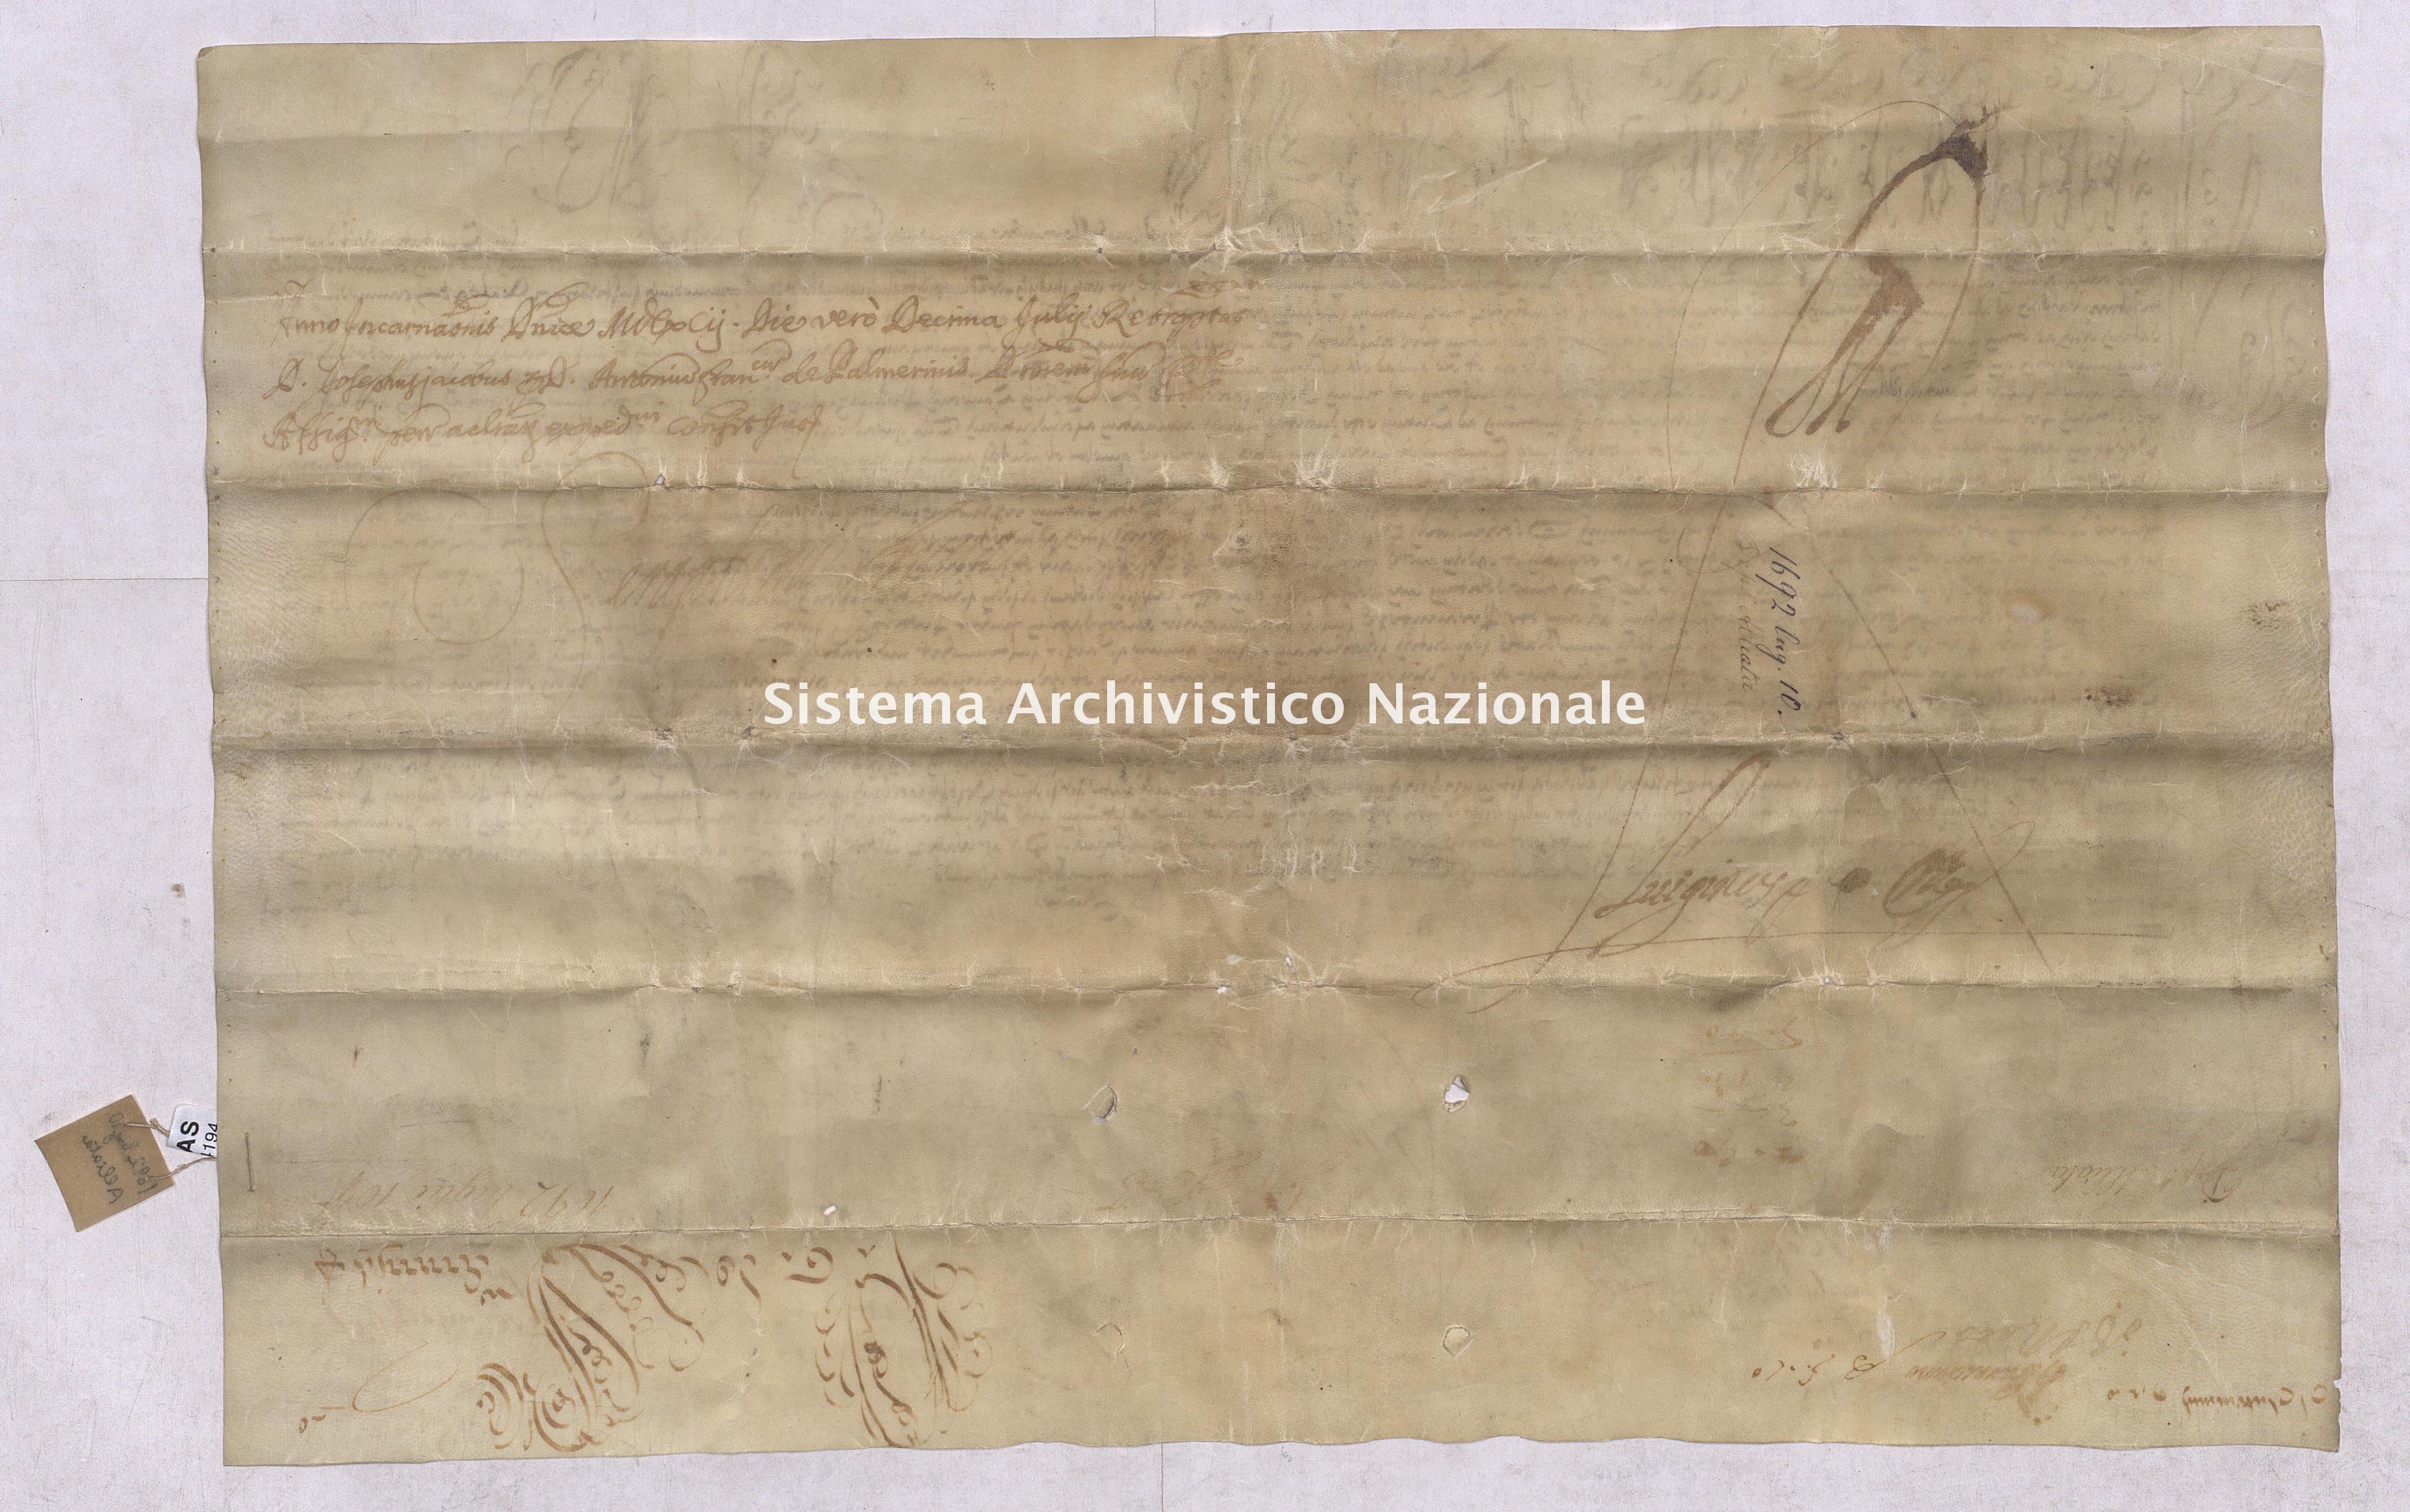 Archivio di Stato di Pisa, Diplomatico, Alliata, Pergamena ALL04194